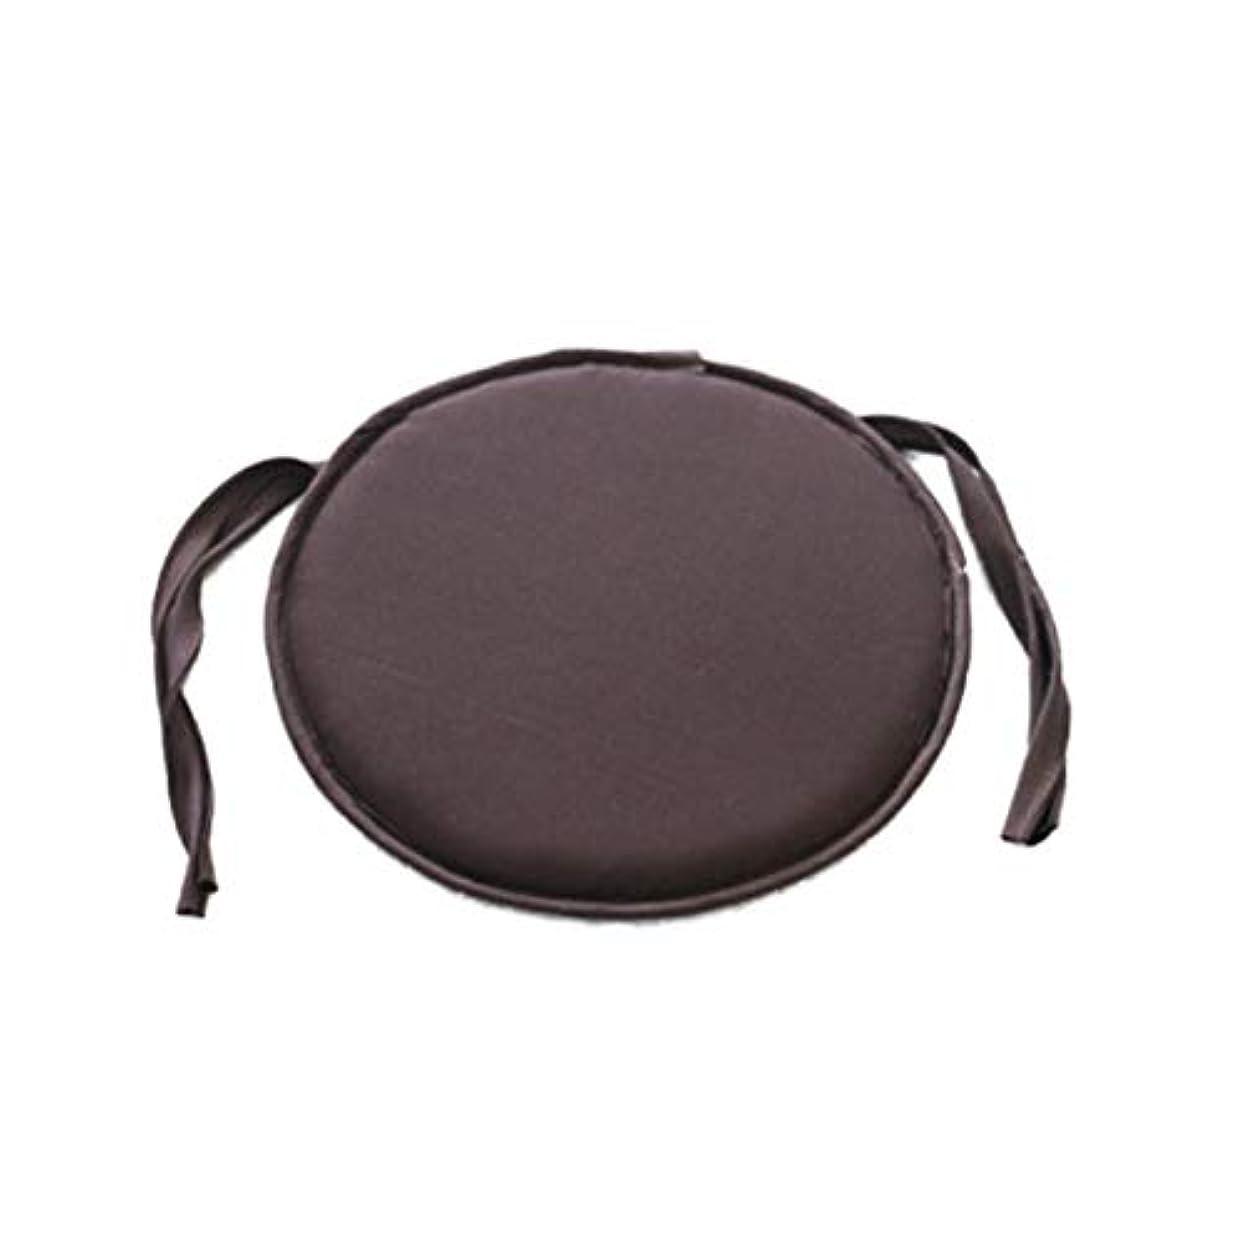 献身確かめる展望台LIFE ホット販売ラウンドチェアクッション屋内ポップパティオオフィスチェアシートパッドネクタイスクエアガーデンキッチンダイニングクッション クッション 椅子